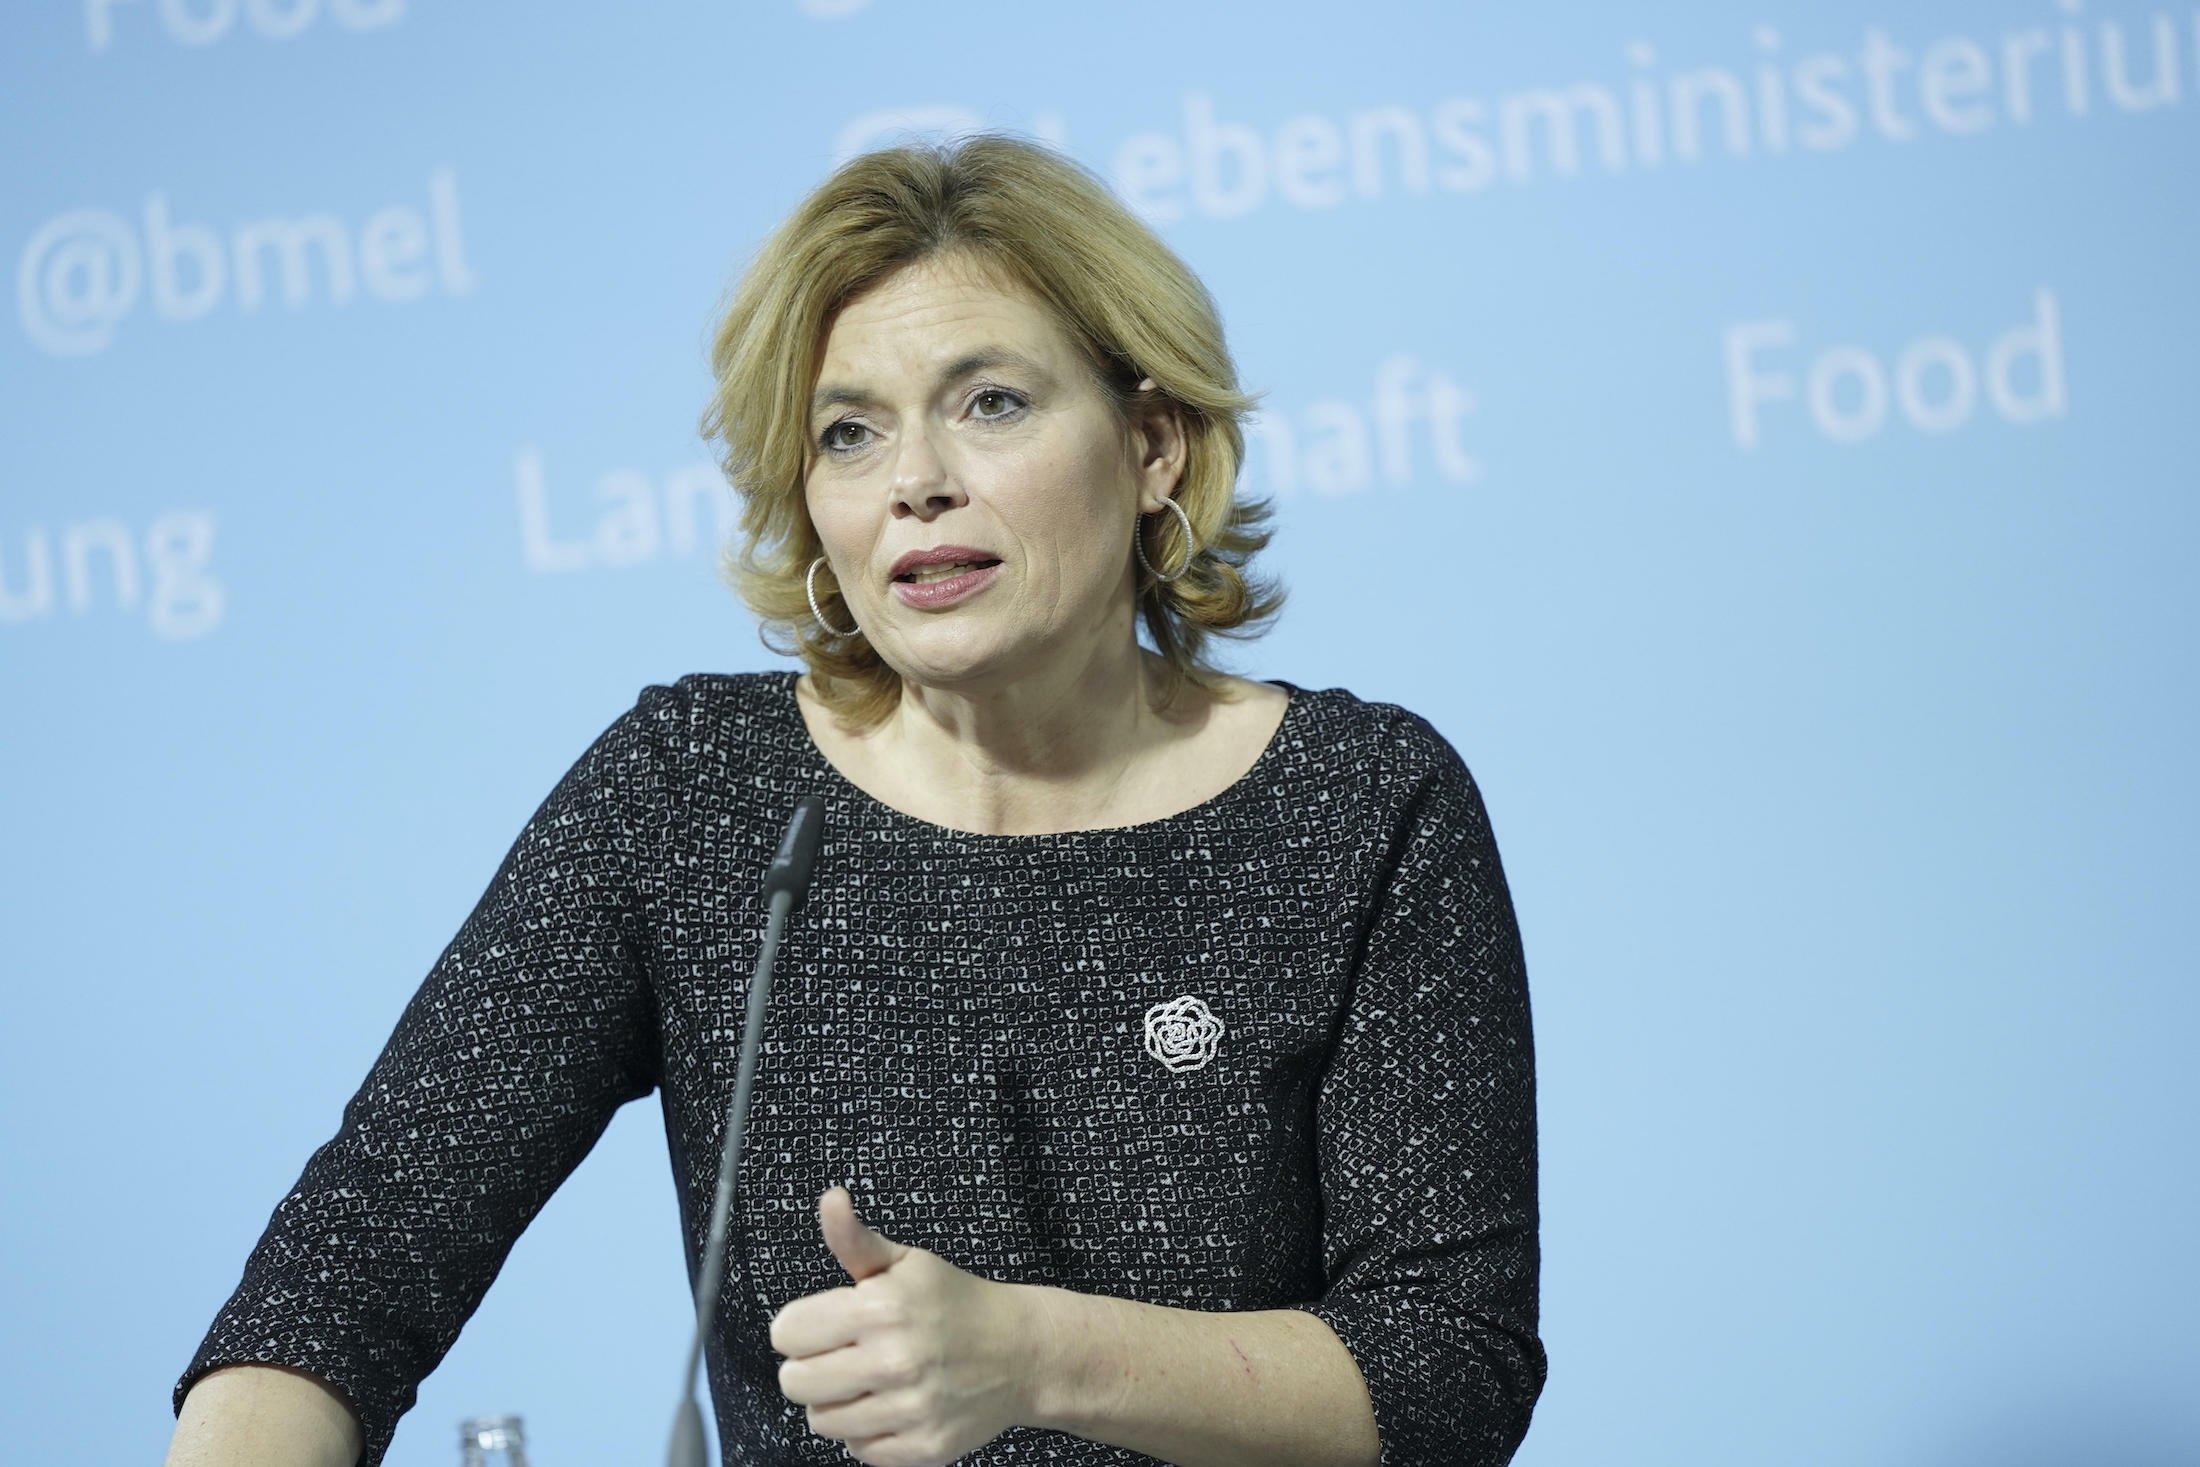 Das Bild zeigt Bundeslandwirtschaftsministerin Julia Klöckner (CDU) bei einer Rede